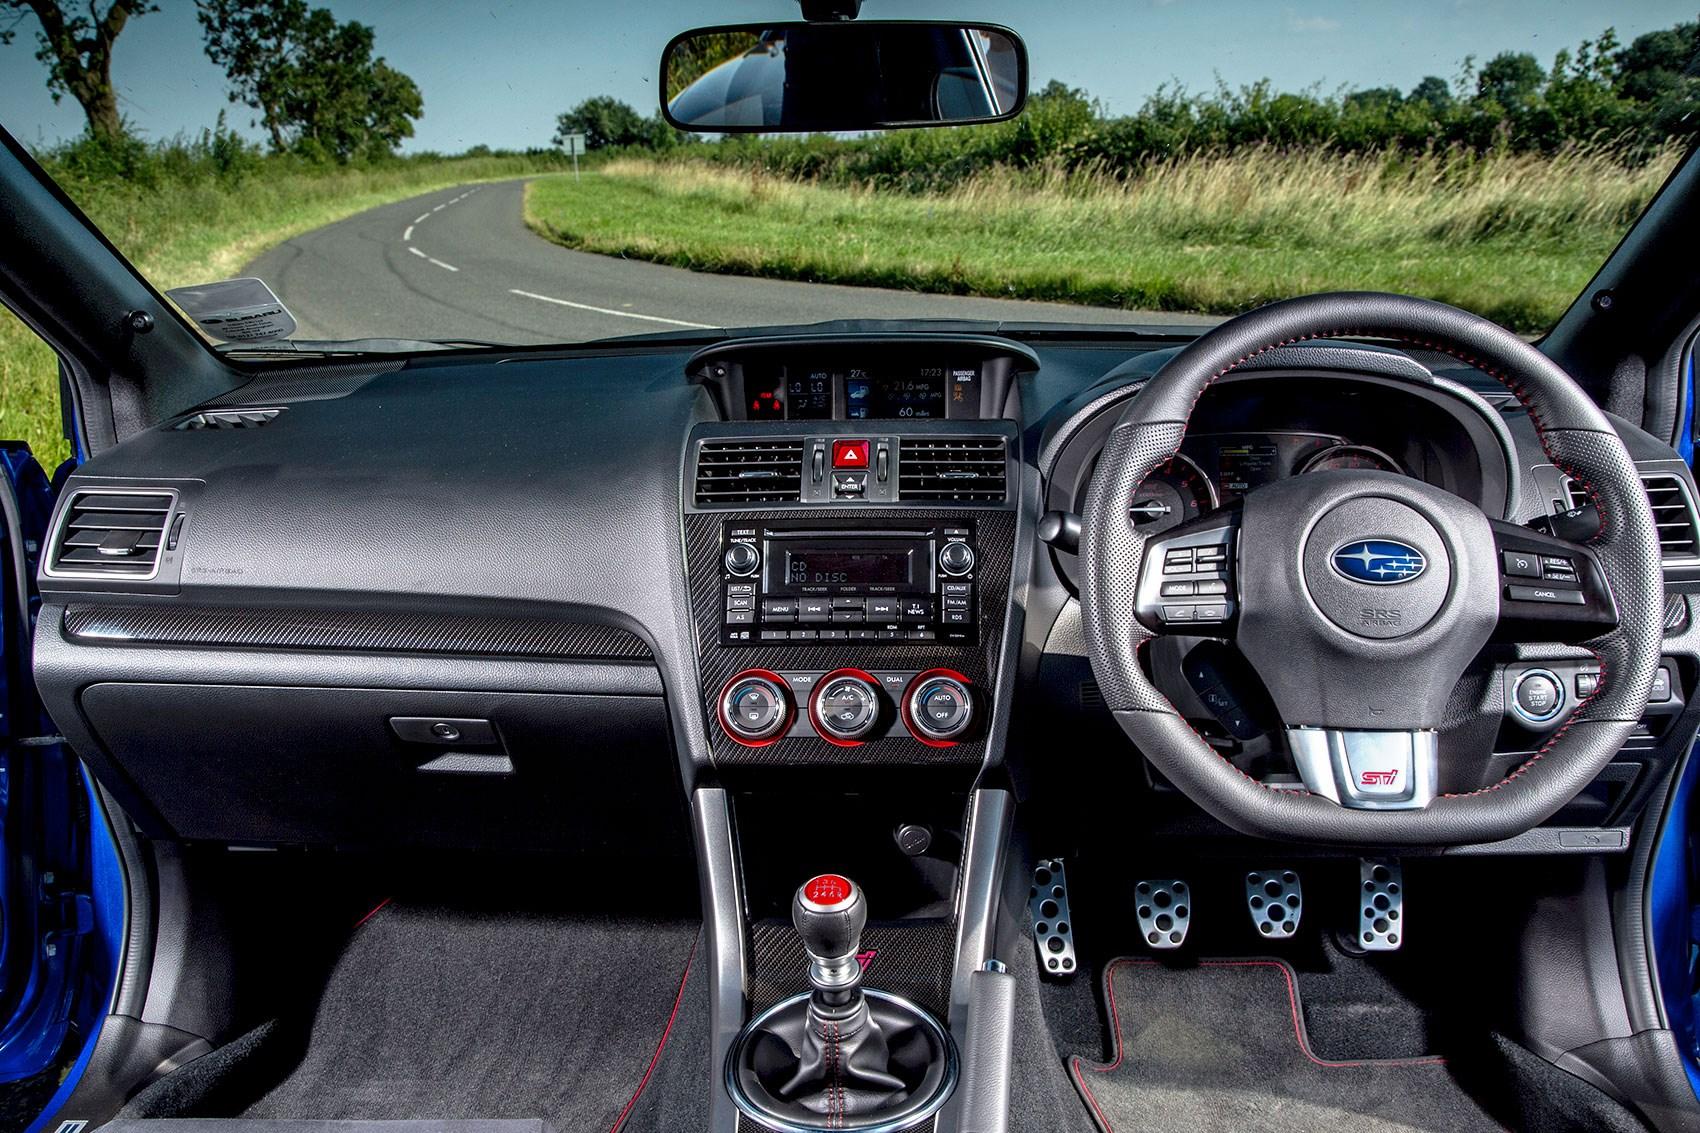 VW Golf R vs Subaru Impreza WRX STi twin test review (2015